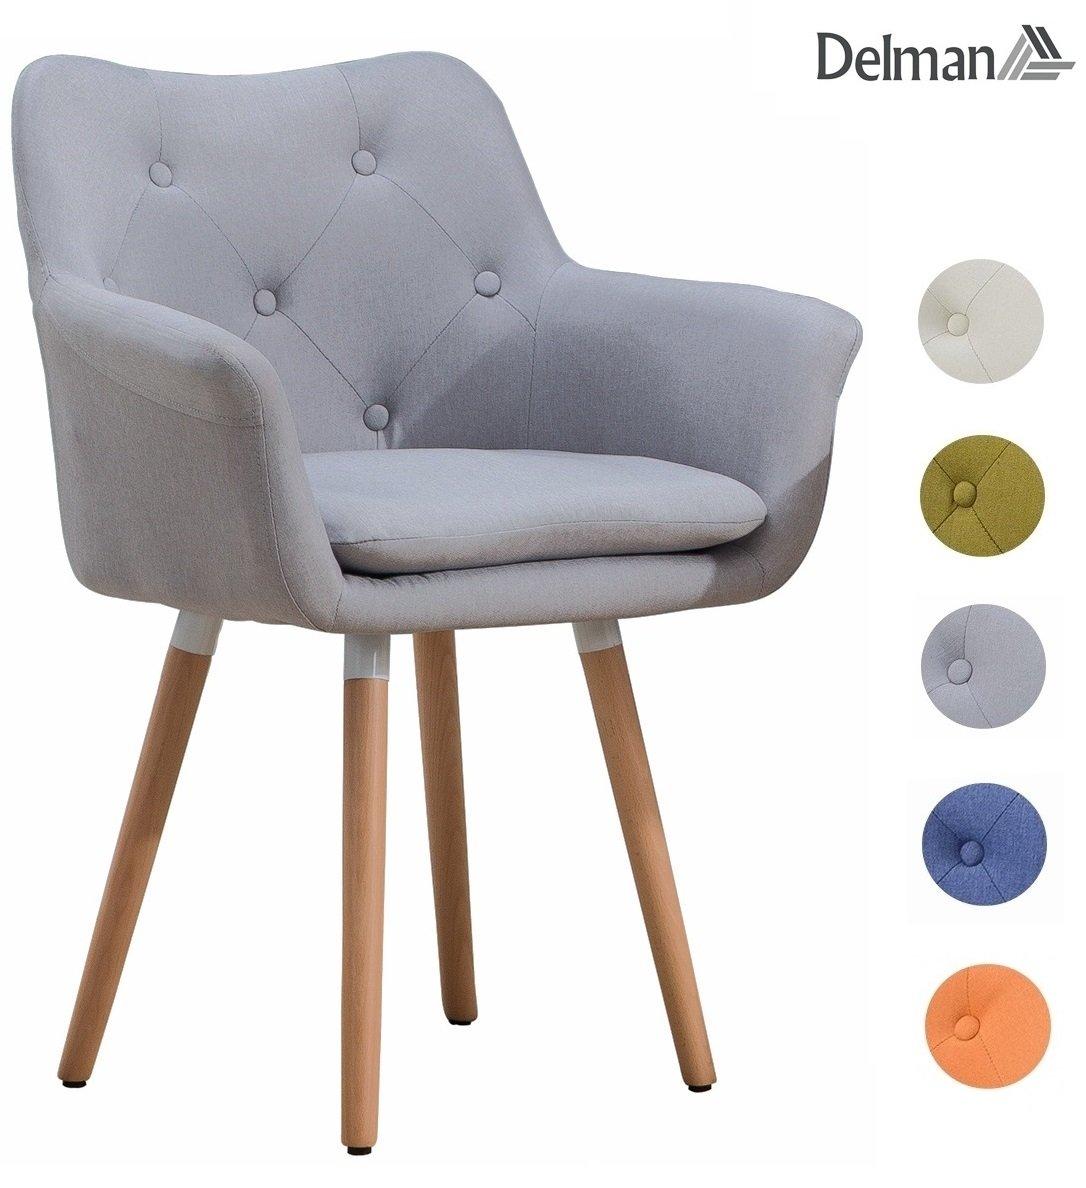 Delman Besucherstuhl Esszimmerstuhl Wohnzimmerstuhl Armsessel Sessel Stoff-Bezug Küchenstuhl 02-0015GY (Grau)